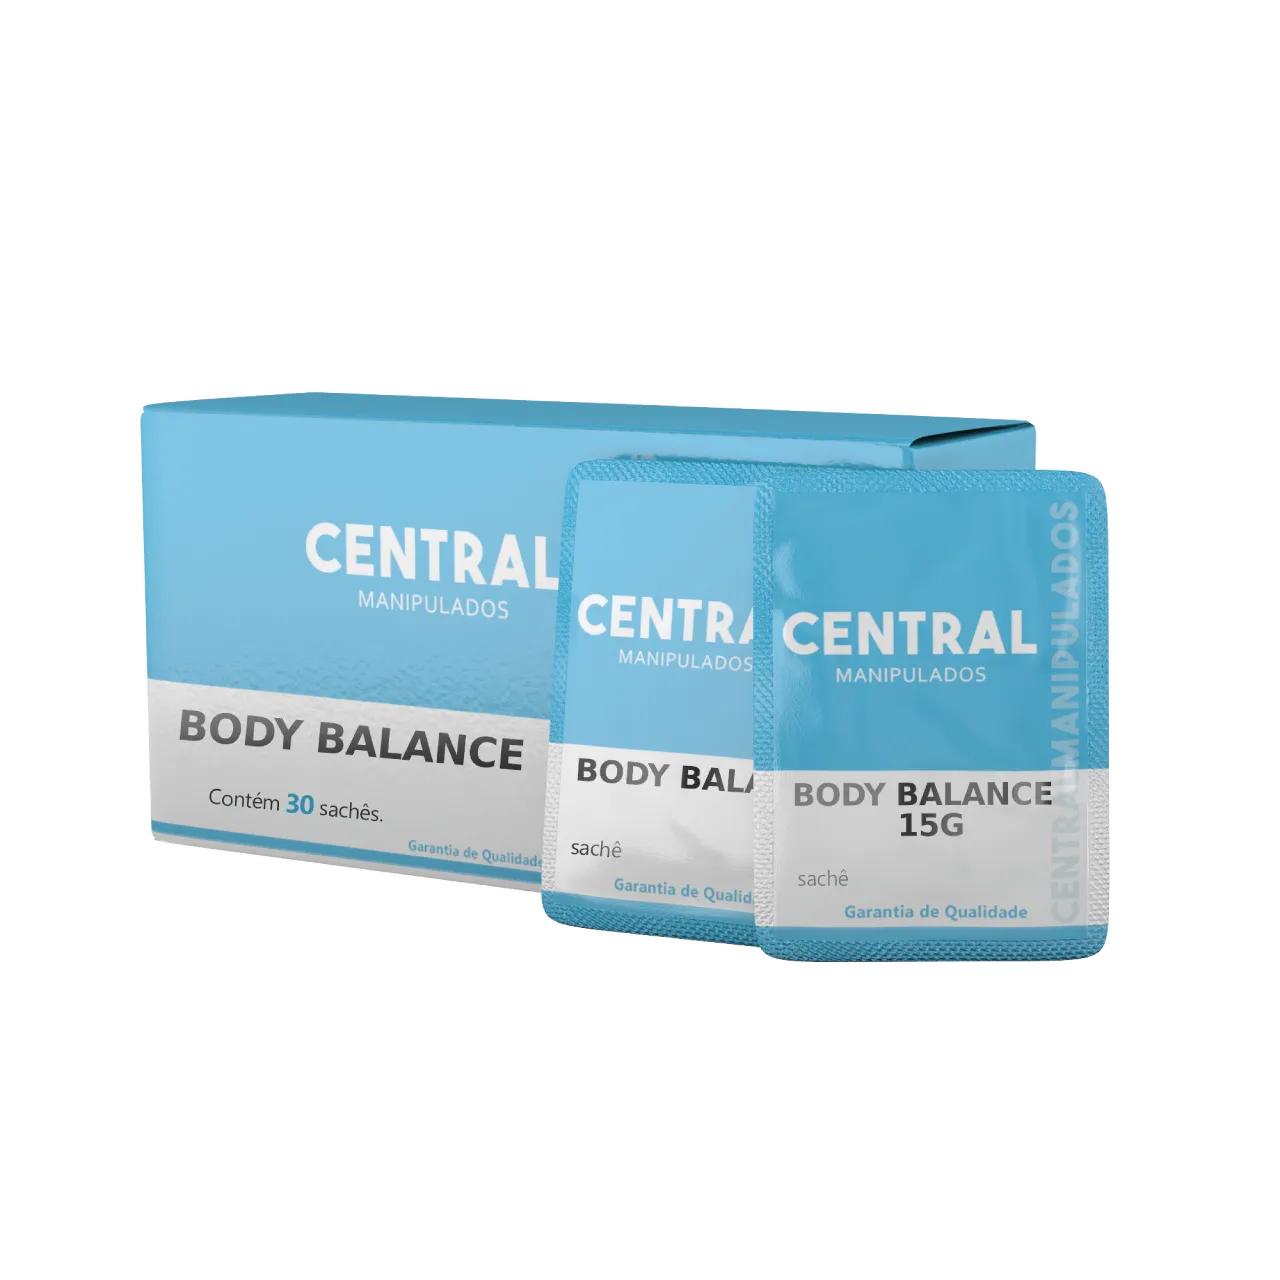 Body Balance Colágeno 15g - 30sachês - Aumenta massa muscular, diminui gordura corporal, suplemento protéico de uso diário